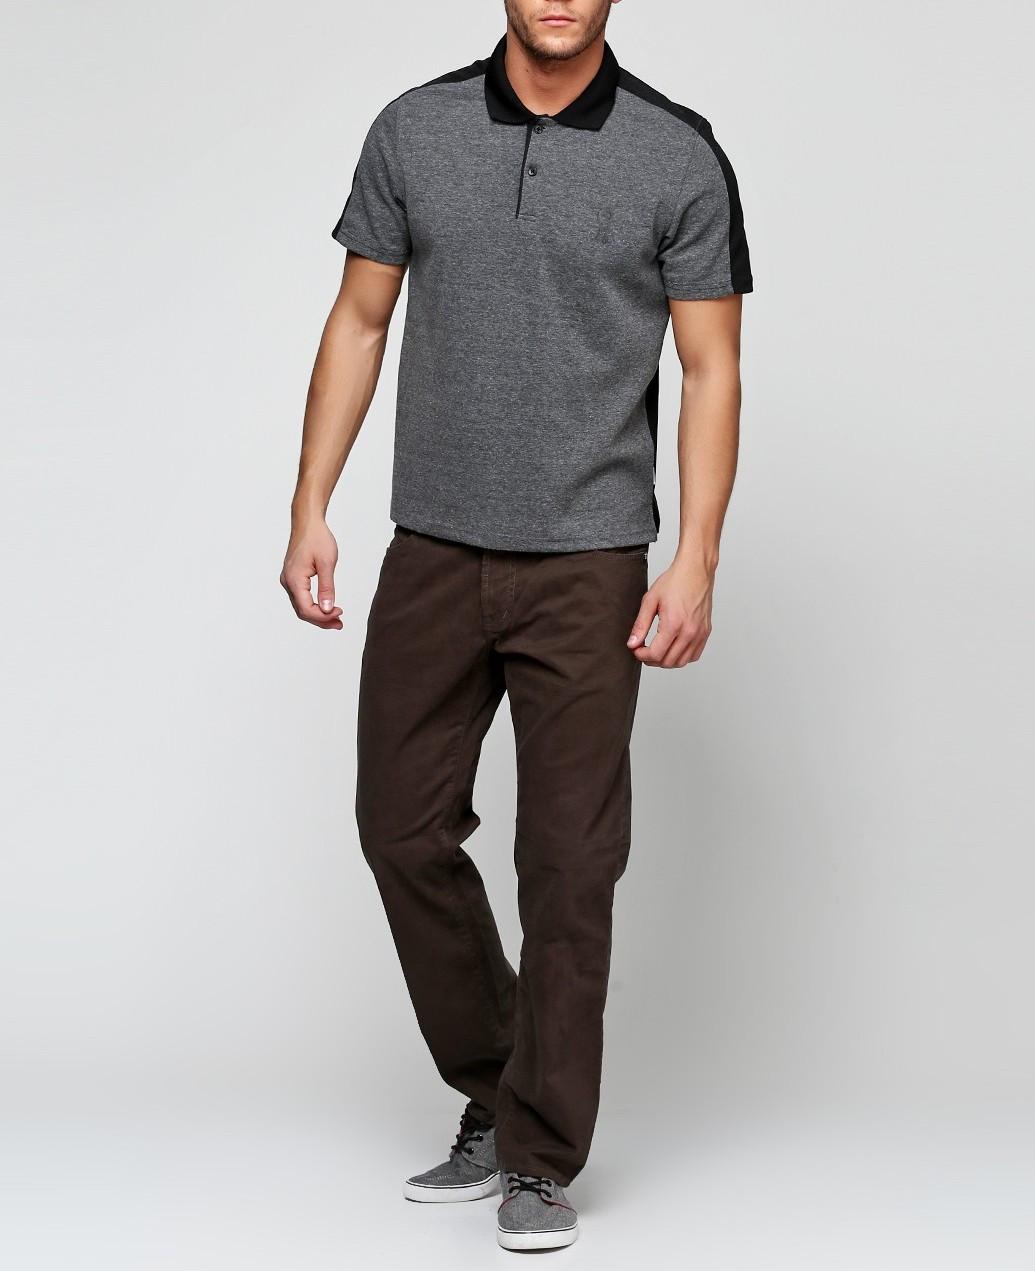 Мужские джинсы Pierre Cardin 33/30 Хаки (2900054870018)